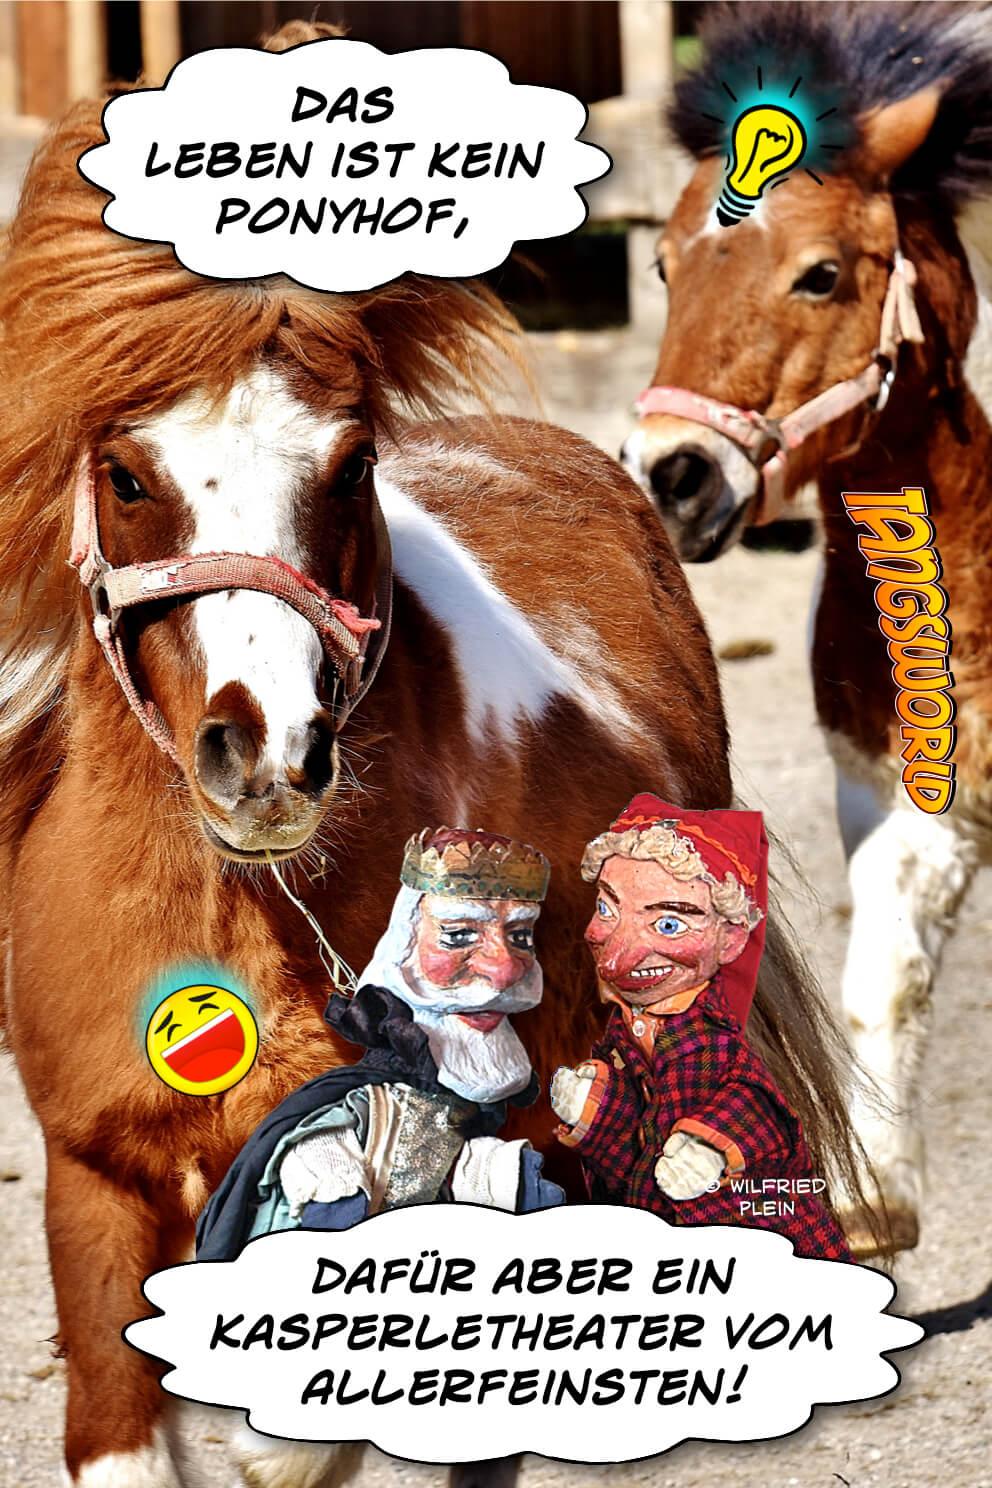 Das Leben ist kein Ponyhof - dafür aber ein Kasperletheater vom Allerfeinsten! - Geistes(bl)witze